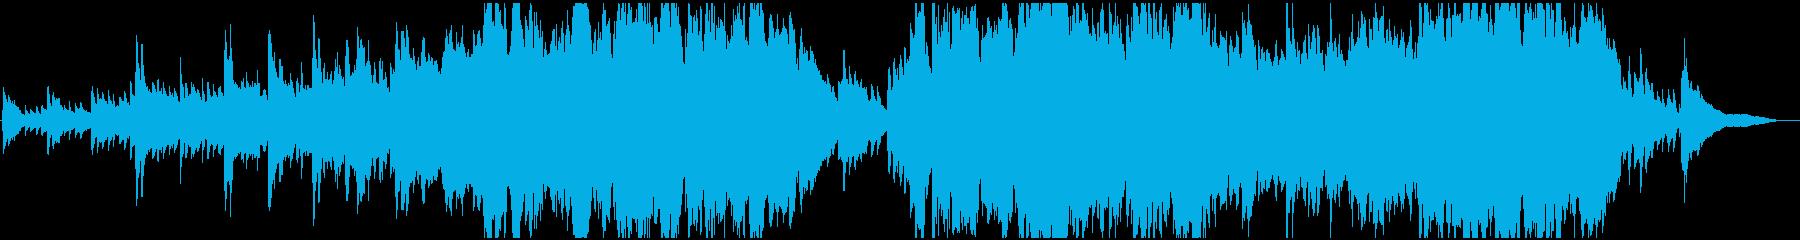 現代の交響曲 企業イメージ 感情的...の再生済みの波形